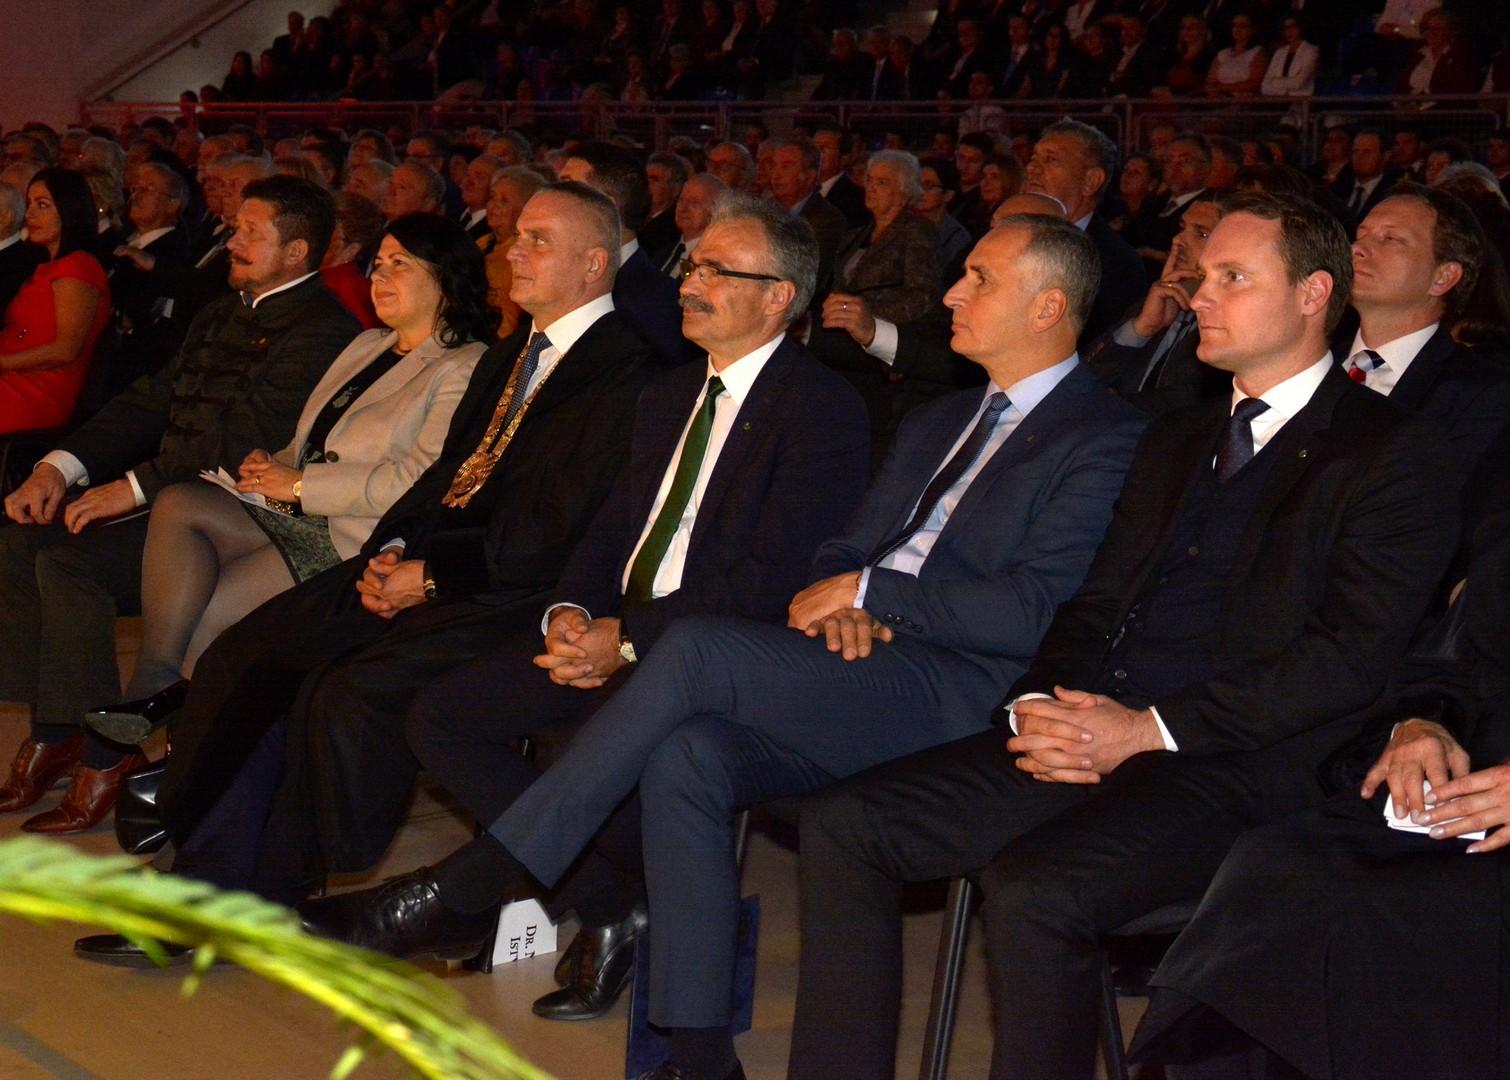 kétszáz éves jubileumi agrár-felsőoktatási ünnepség, Mosonmagyaróvár Nagy István miniszterrel